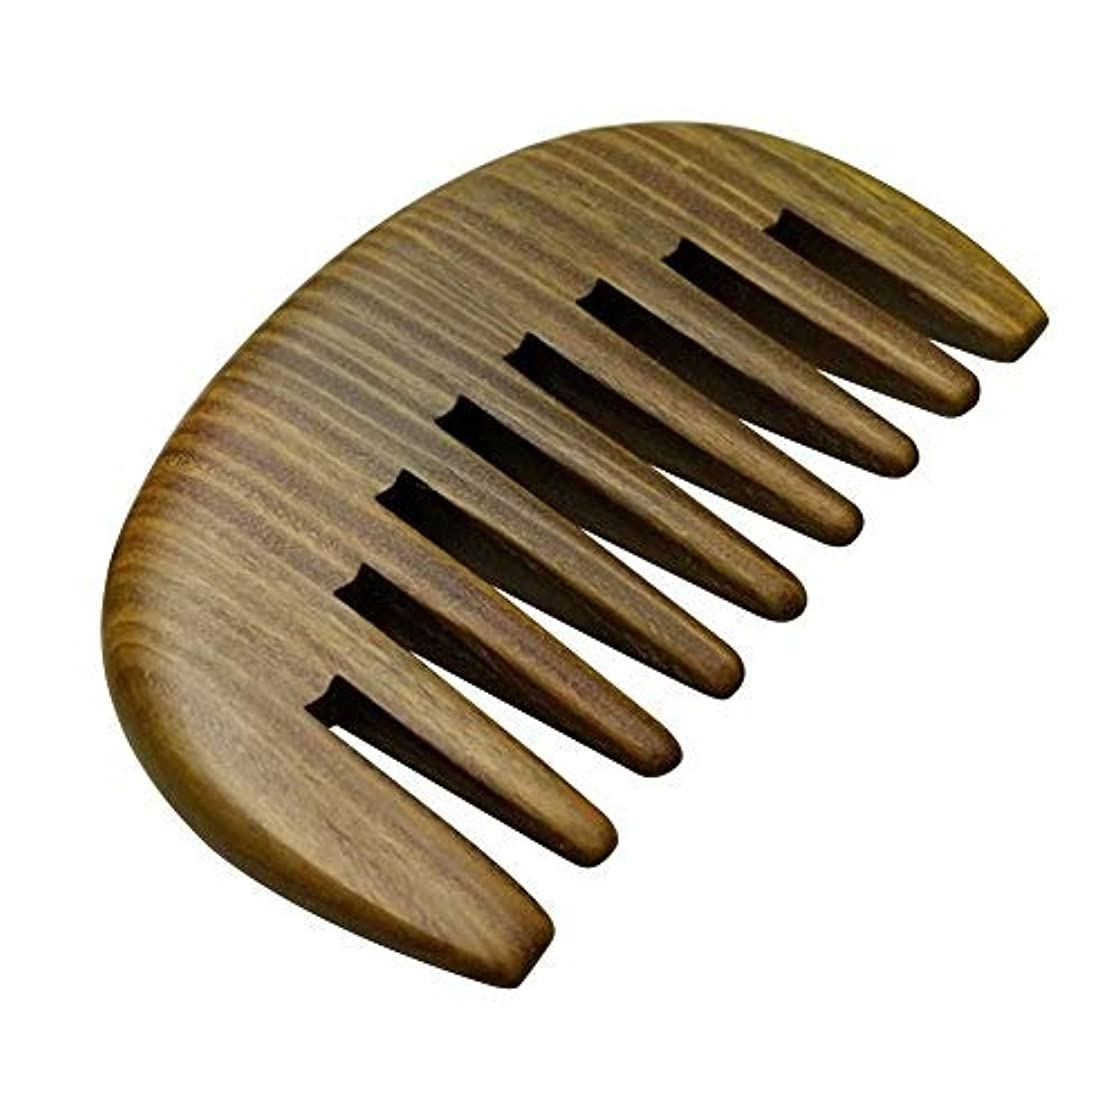 見ましたバング創傷Hair Comb Wooden Wide Tooth Detangling Comb for Curly Hair Anti-Static Wood Combs Handmade Natural Sandalwood...